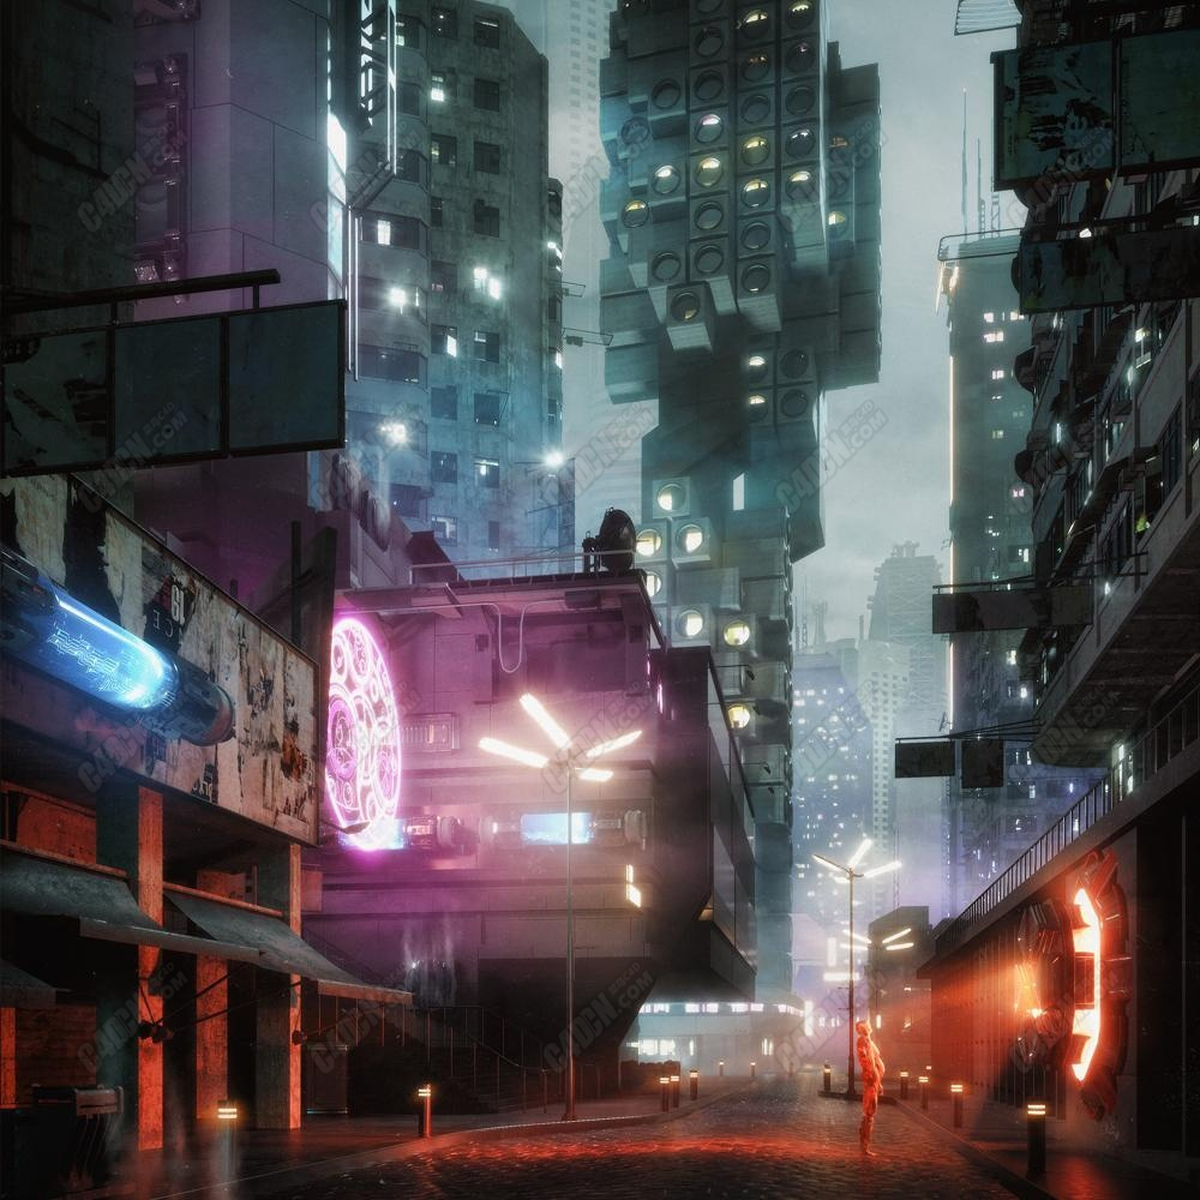 C4D霓虹灯未来都市科幻城市模型包